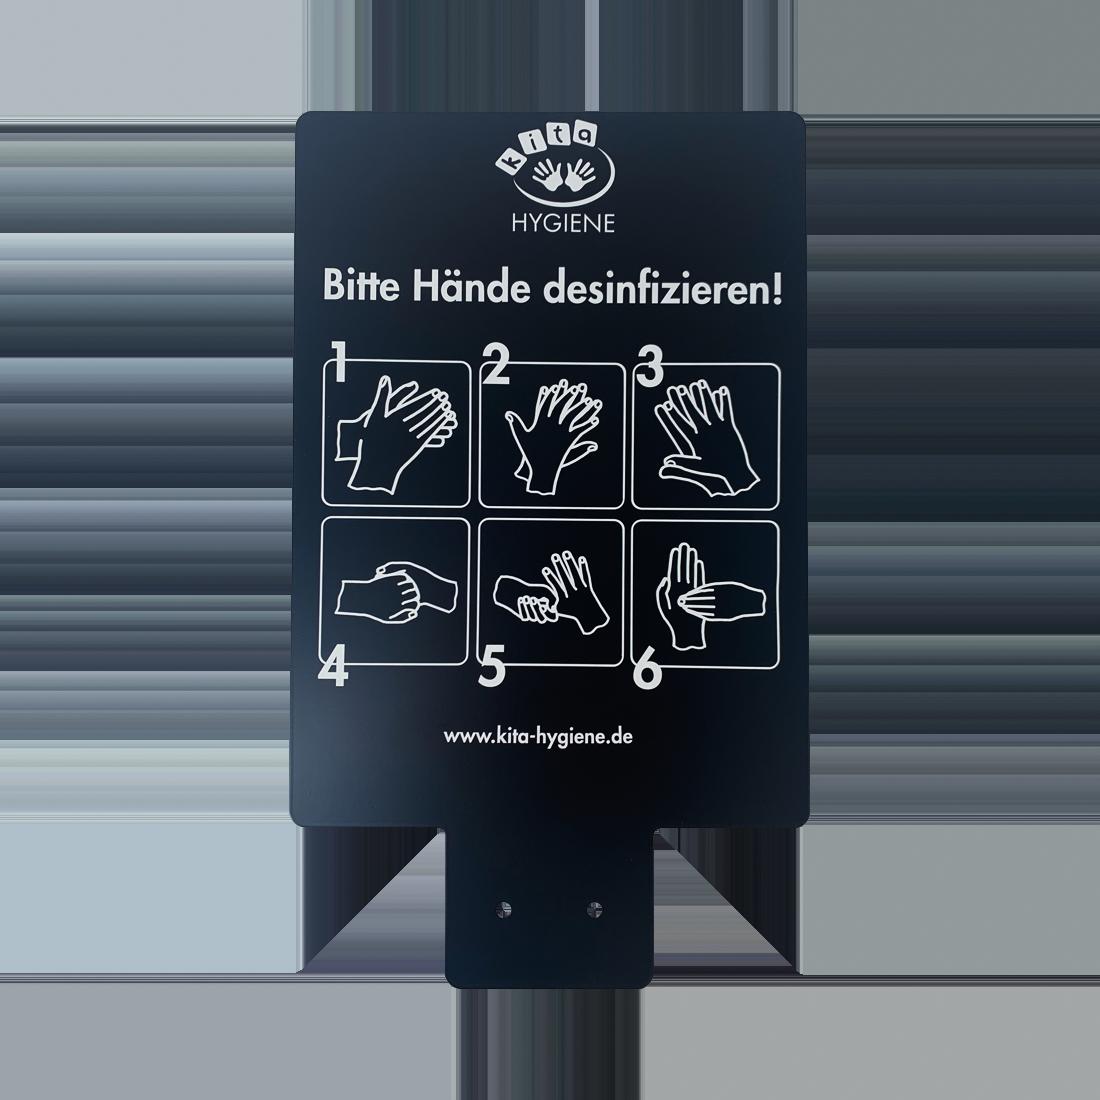 Infotafel für Desinfektionssäule 55939, schwarz, pulverbeschichtet, mit DIN A4 Aufkleber für Händehygiene, schwarz, 320 x 230 x 1,25 mm